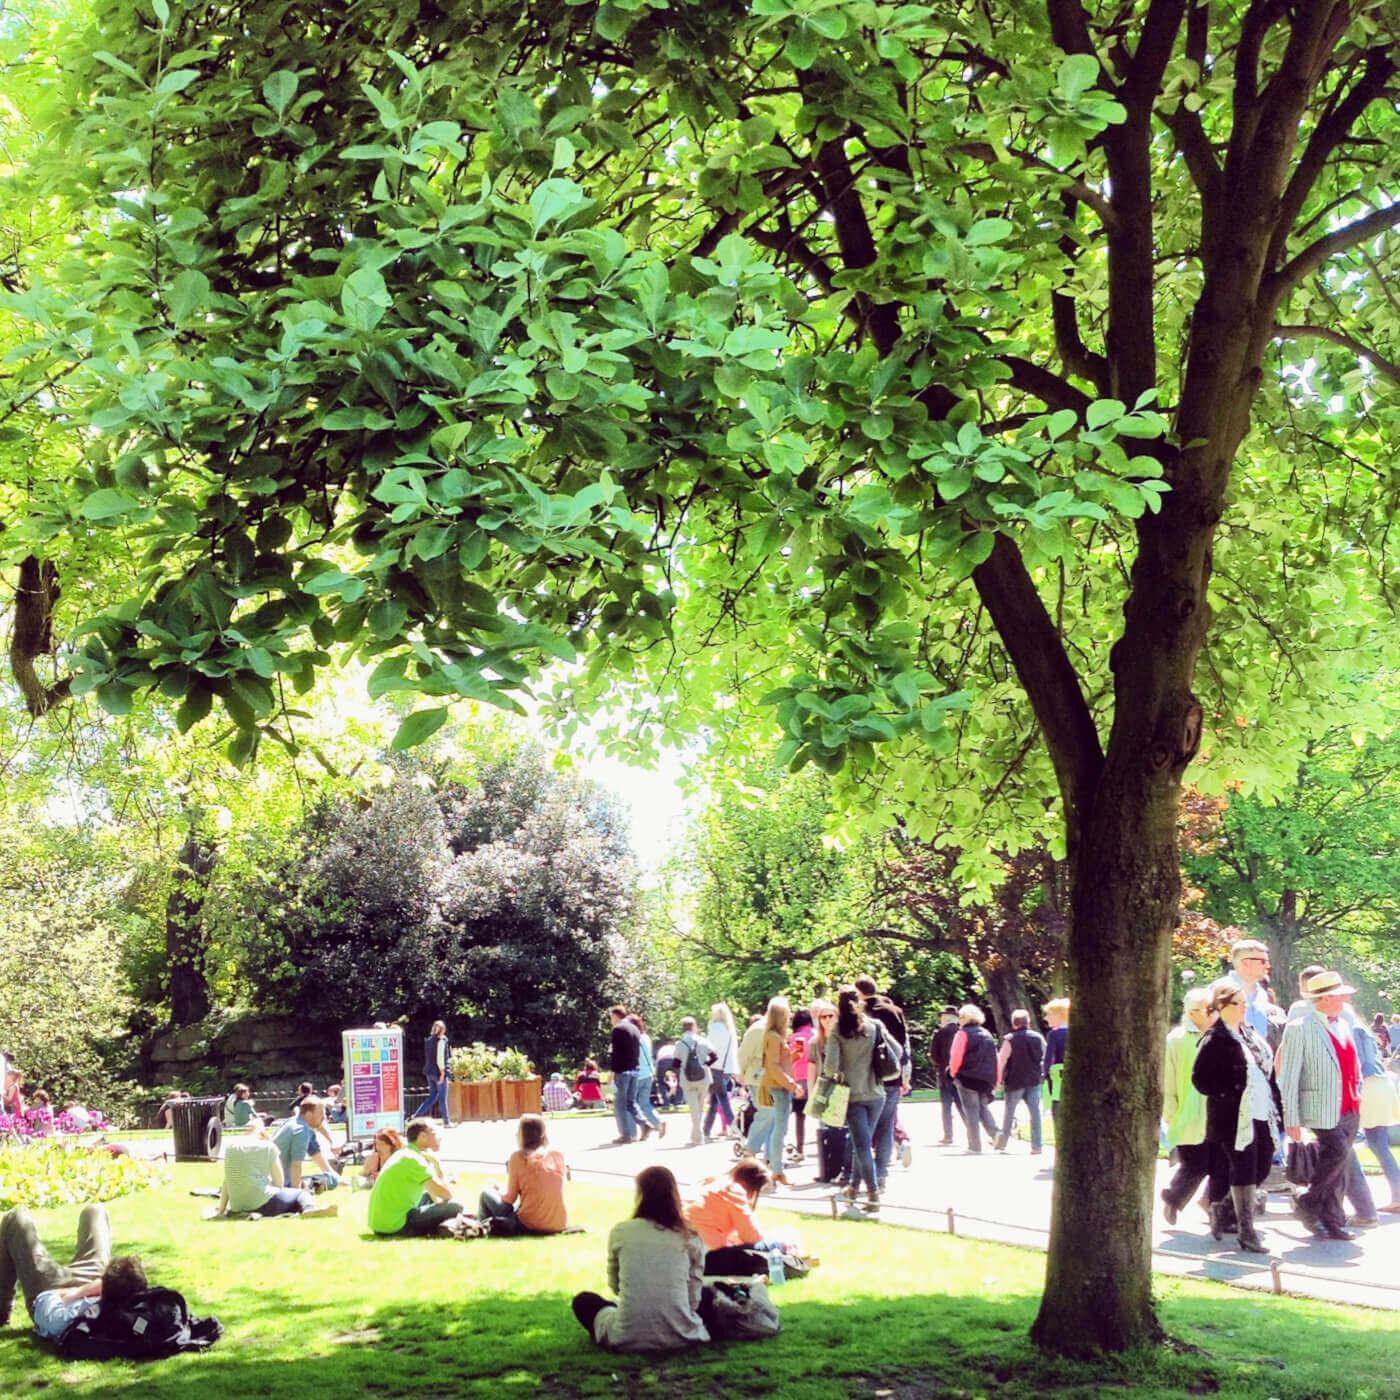 viaggiare-zaino-in-spalla-dublino-st-stephens-green-parco